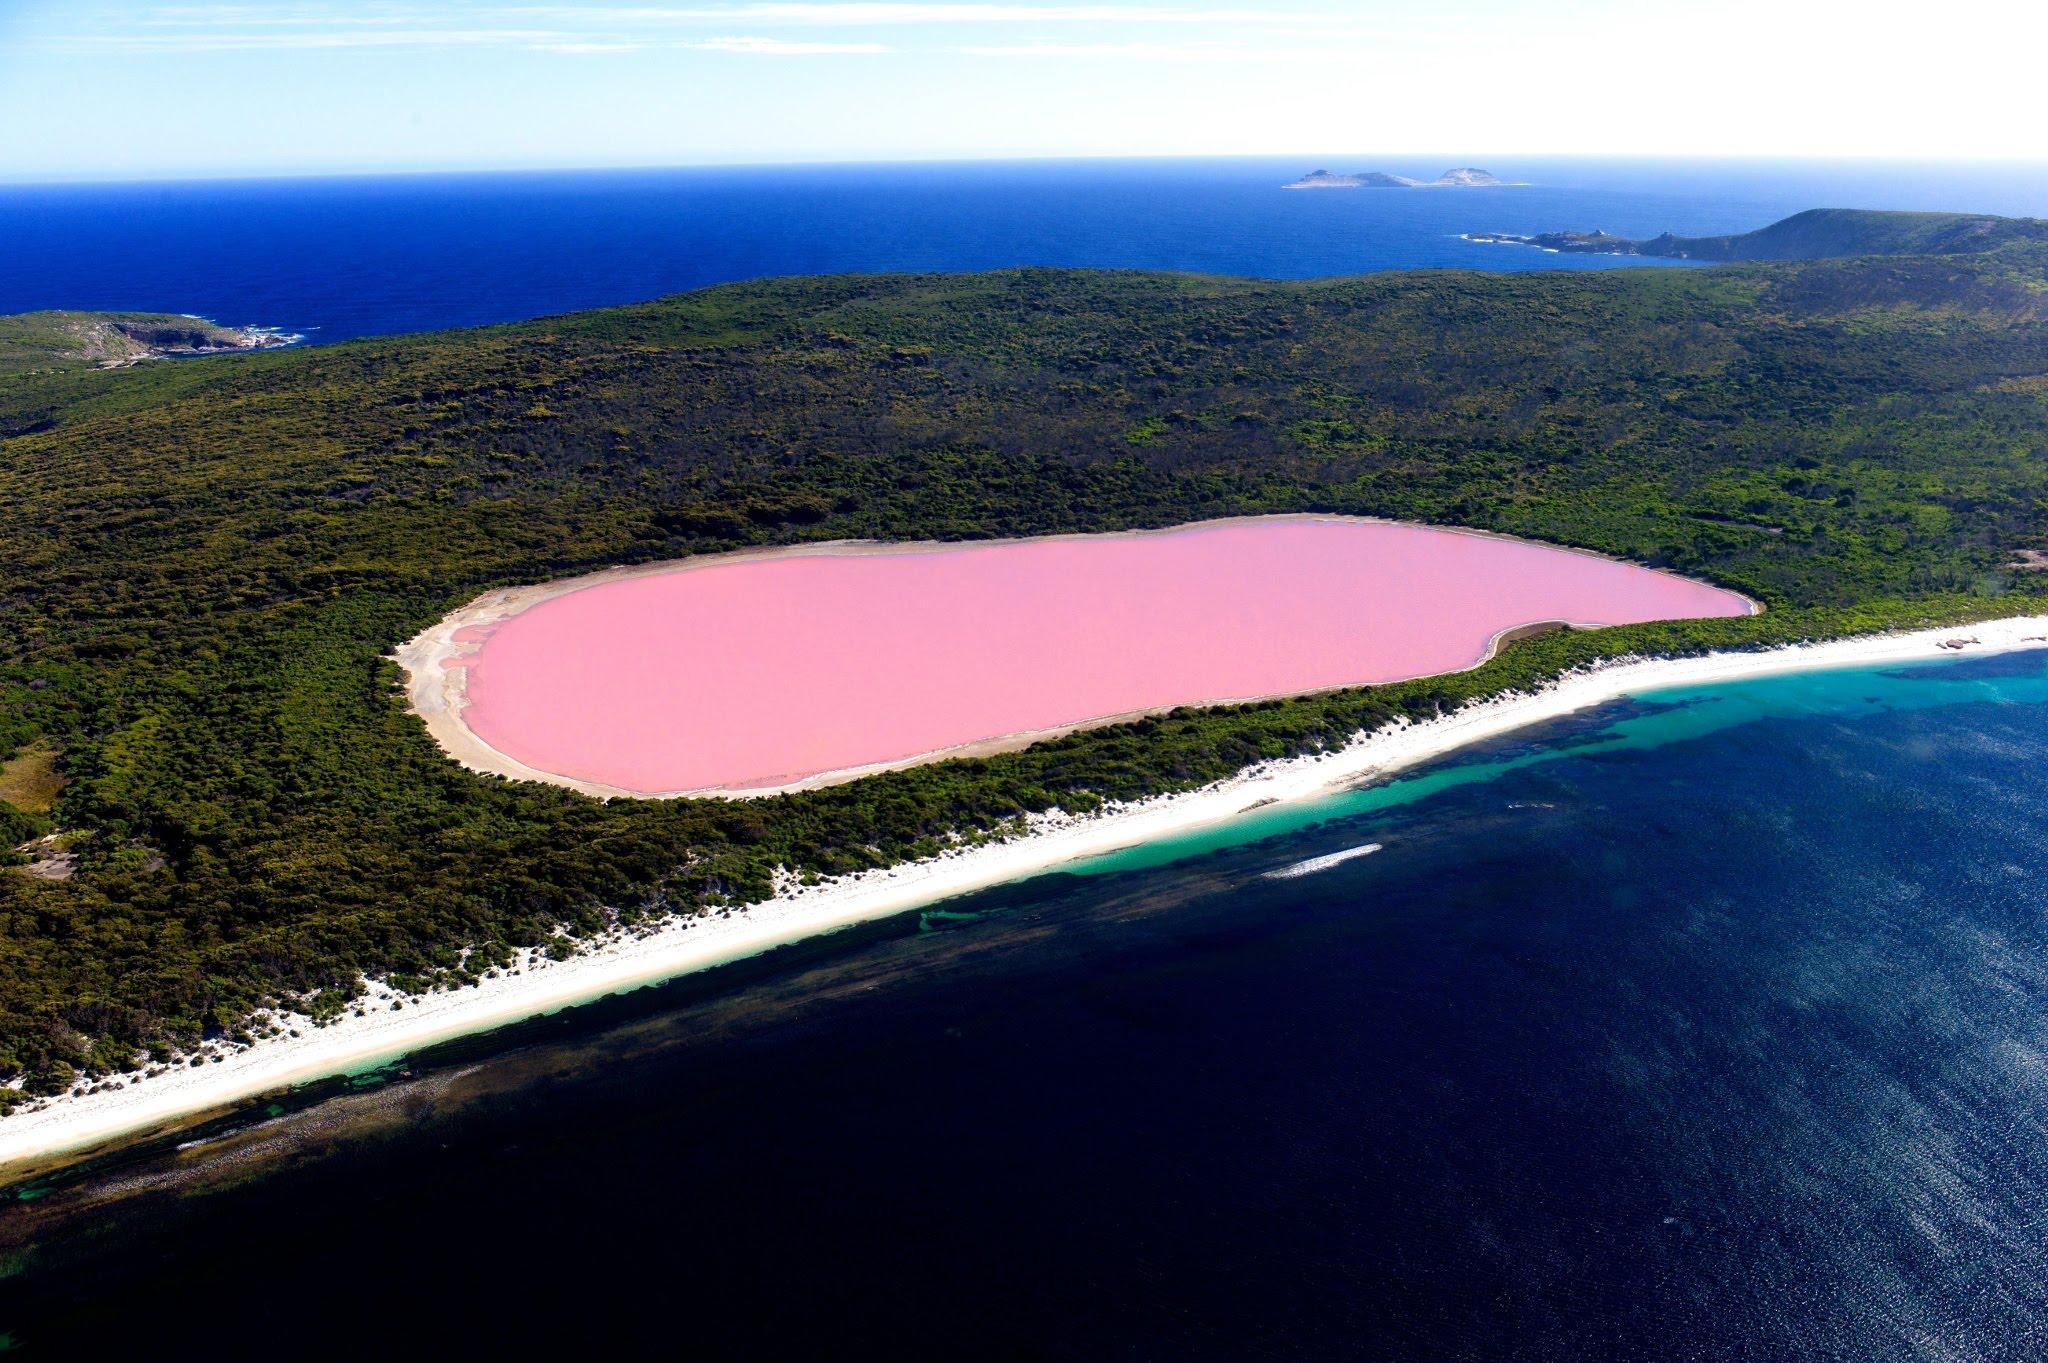 Záhadné růžové jezero